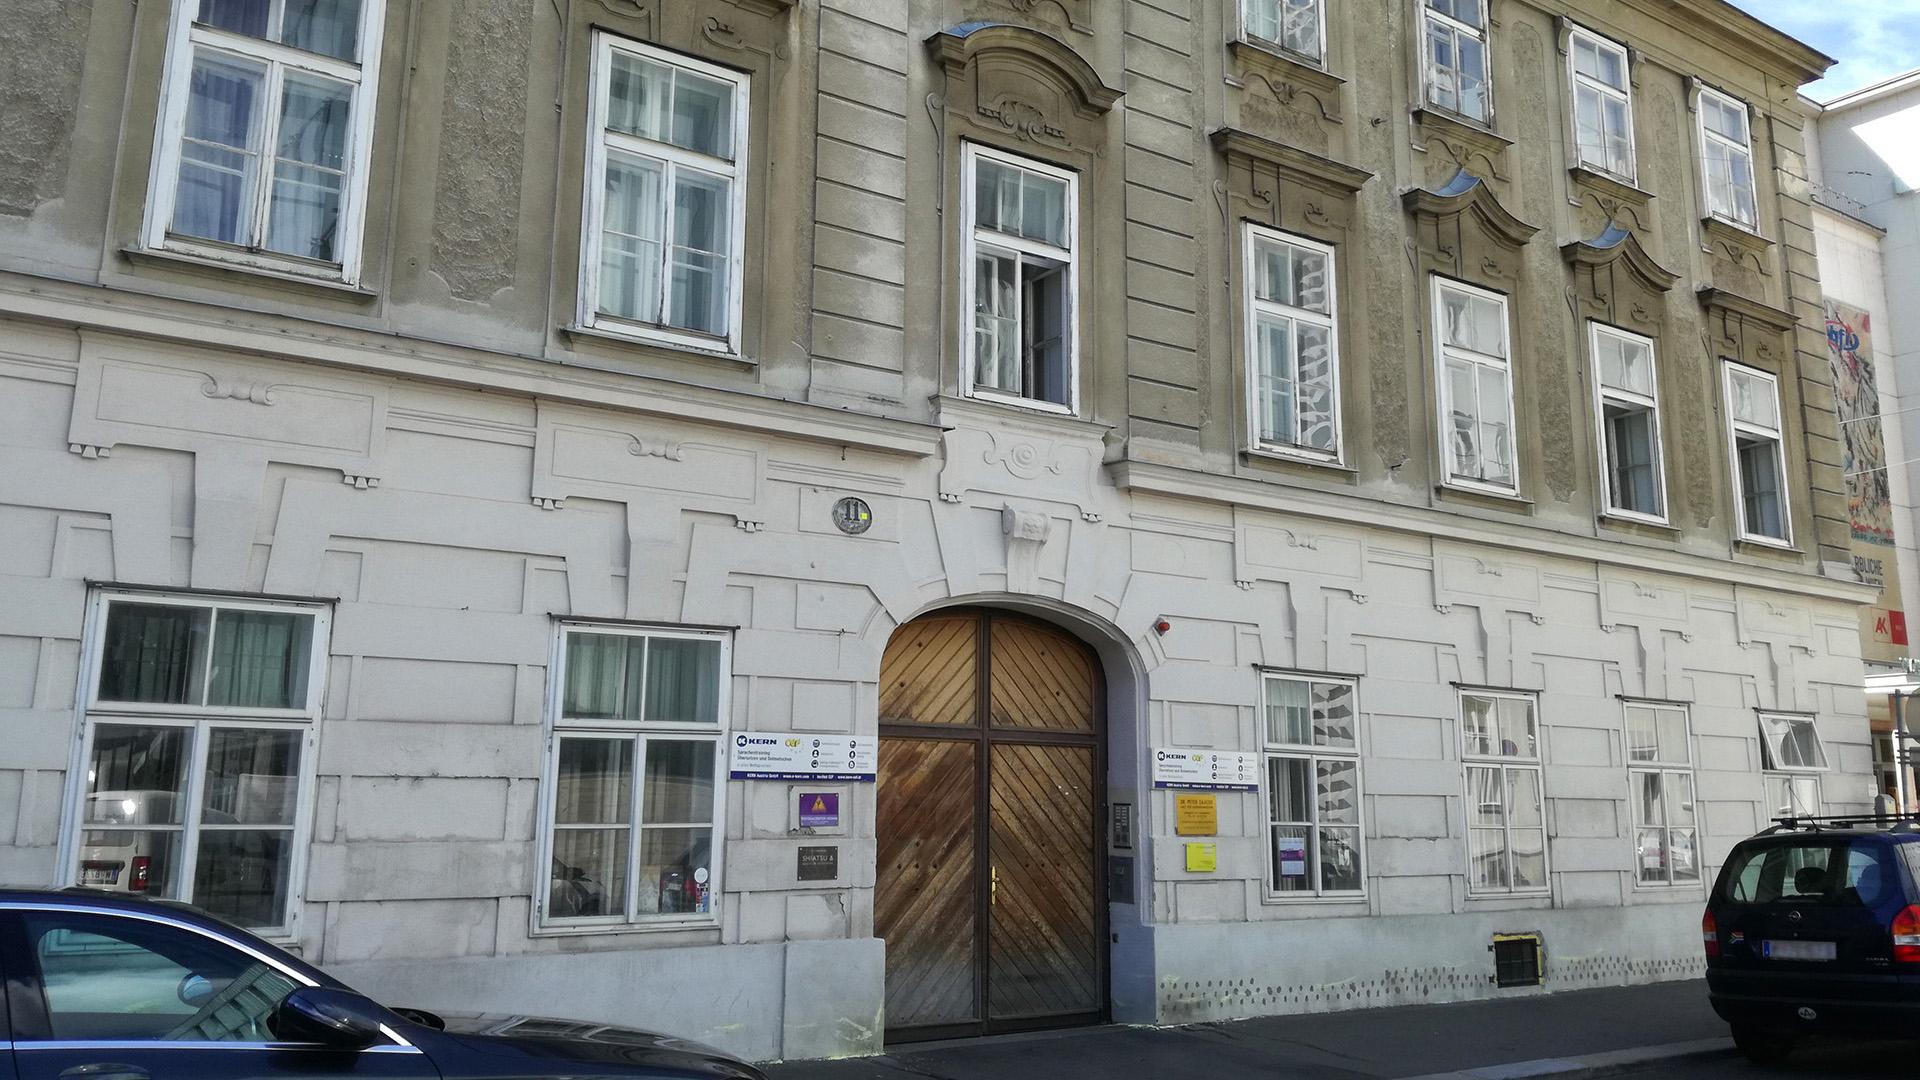 Biuro tłumaczeń w Wiedniu